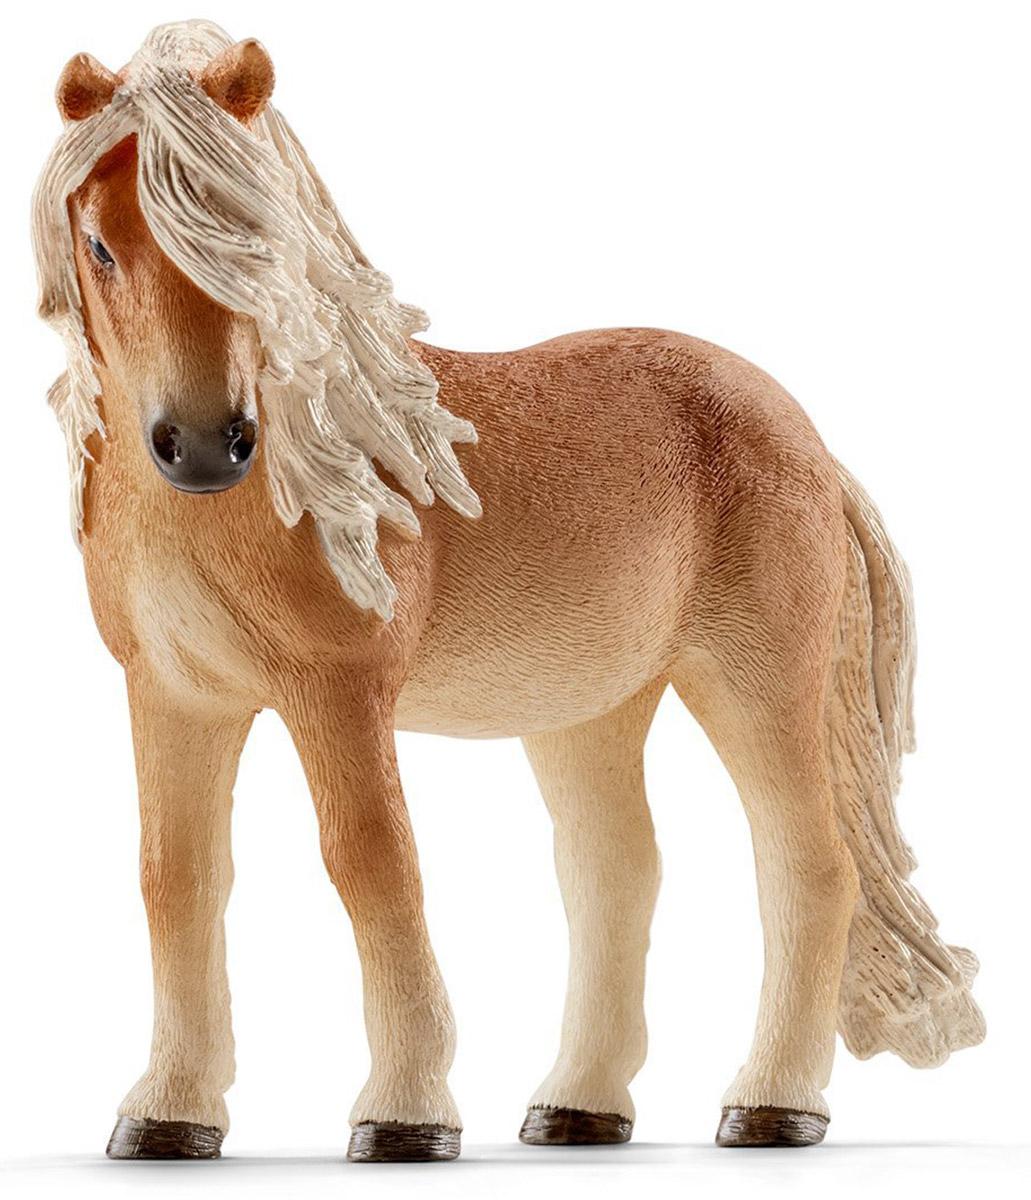 Schleich Фигурка Исландская кобыла schleich фигурка карликовый козел